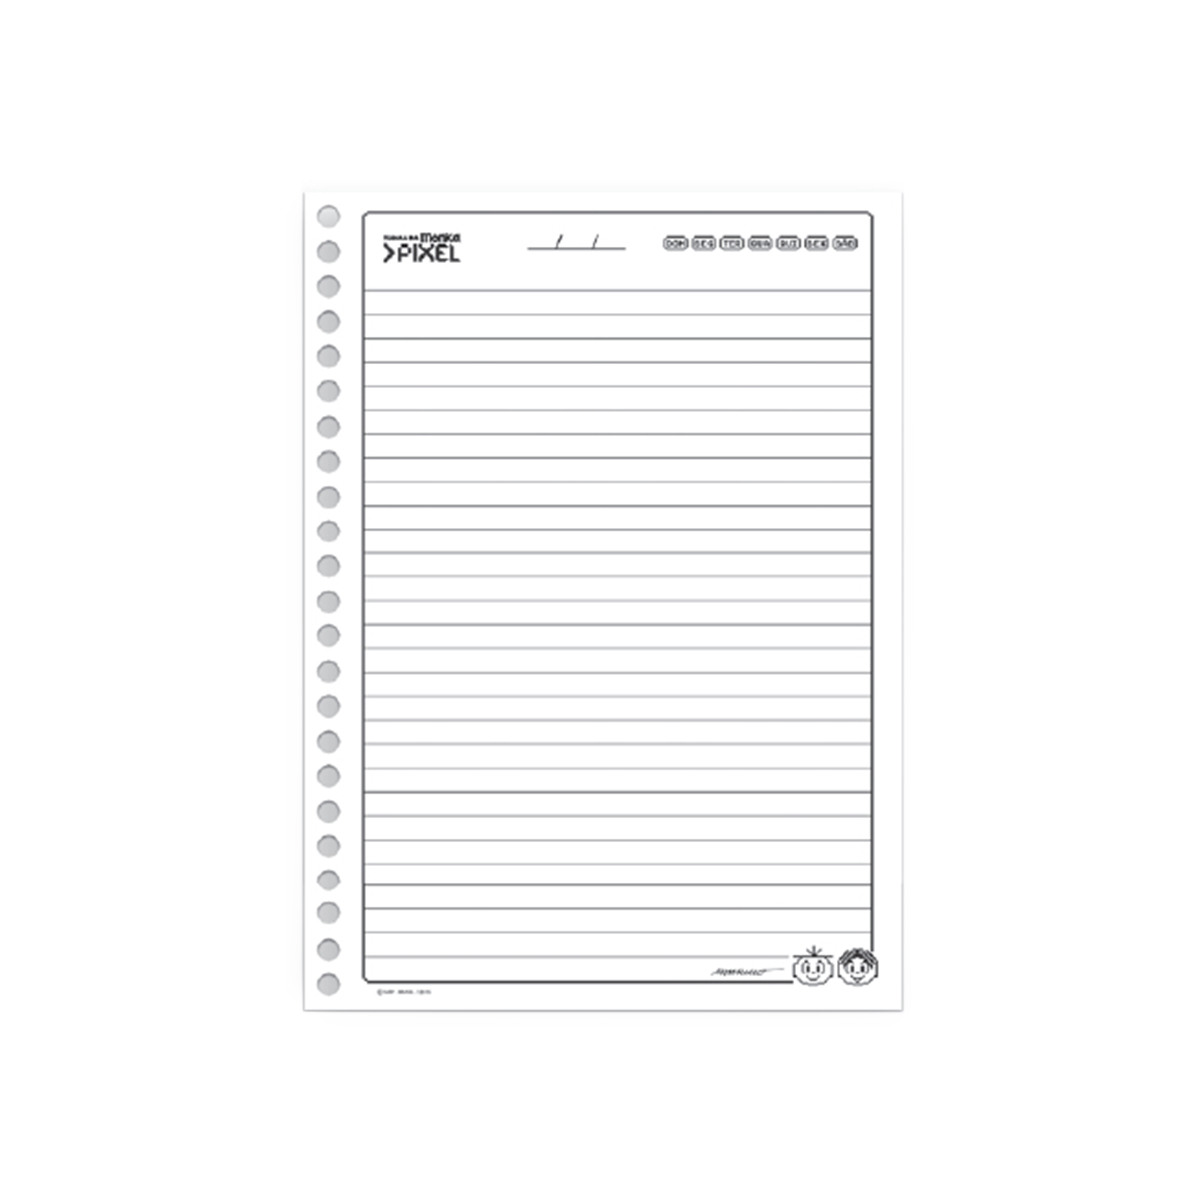 Caderno Turma da Mônica Pixel Cebolinha 1 Matéria